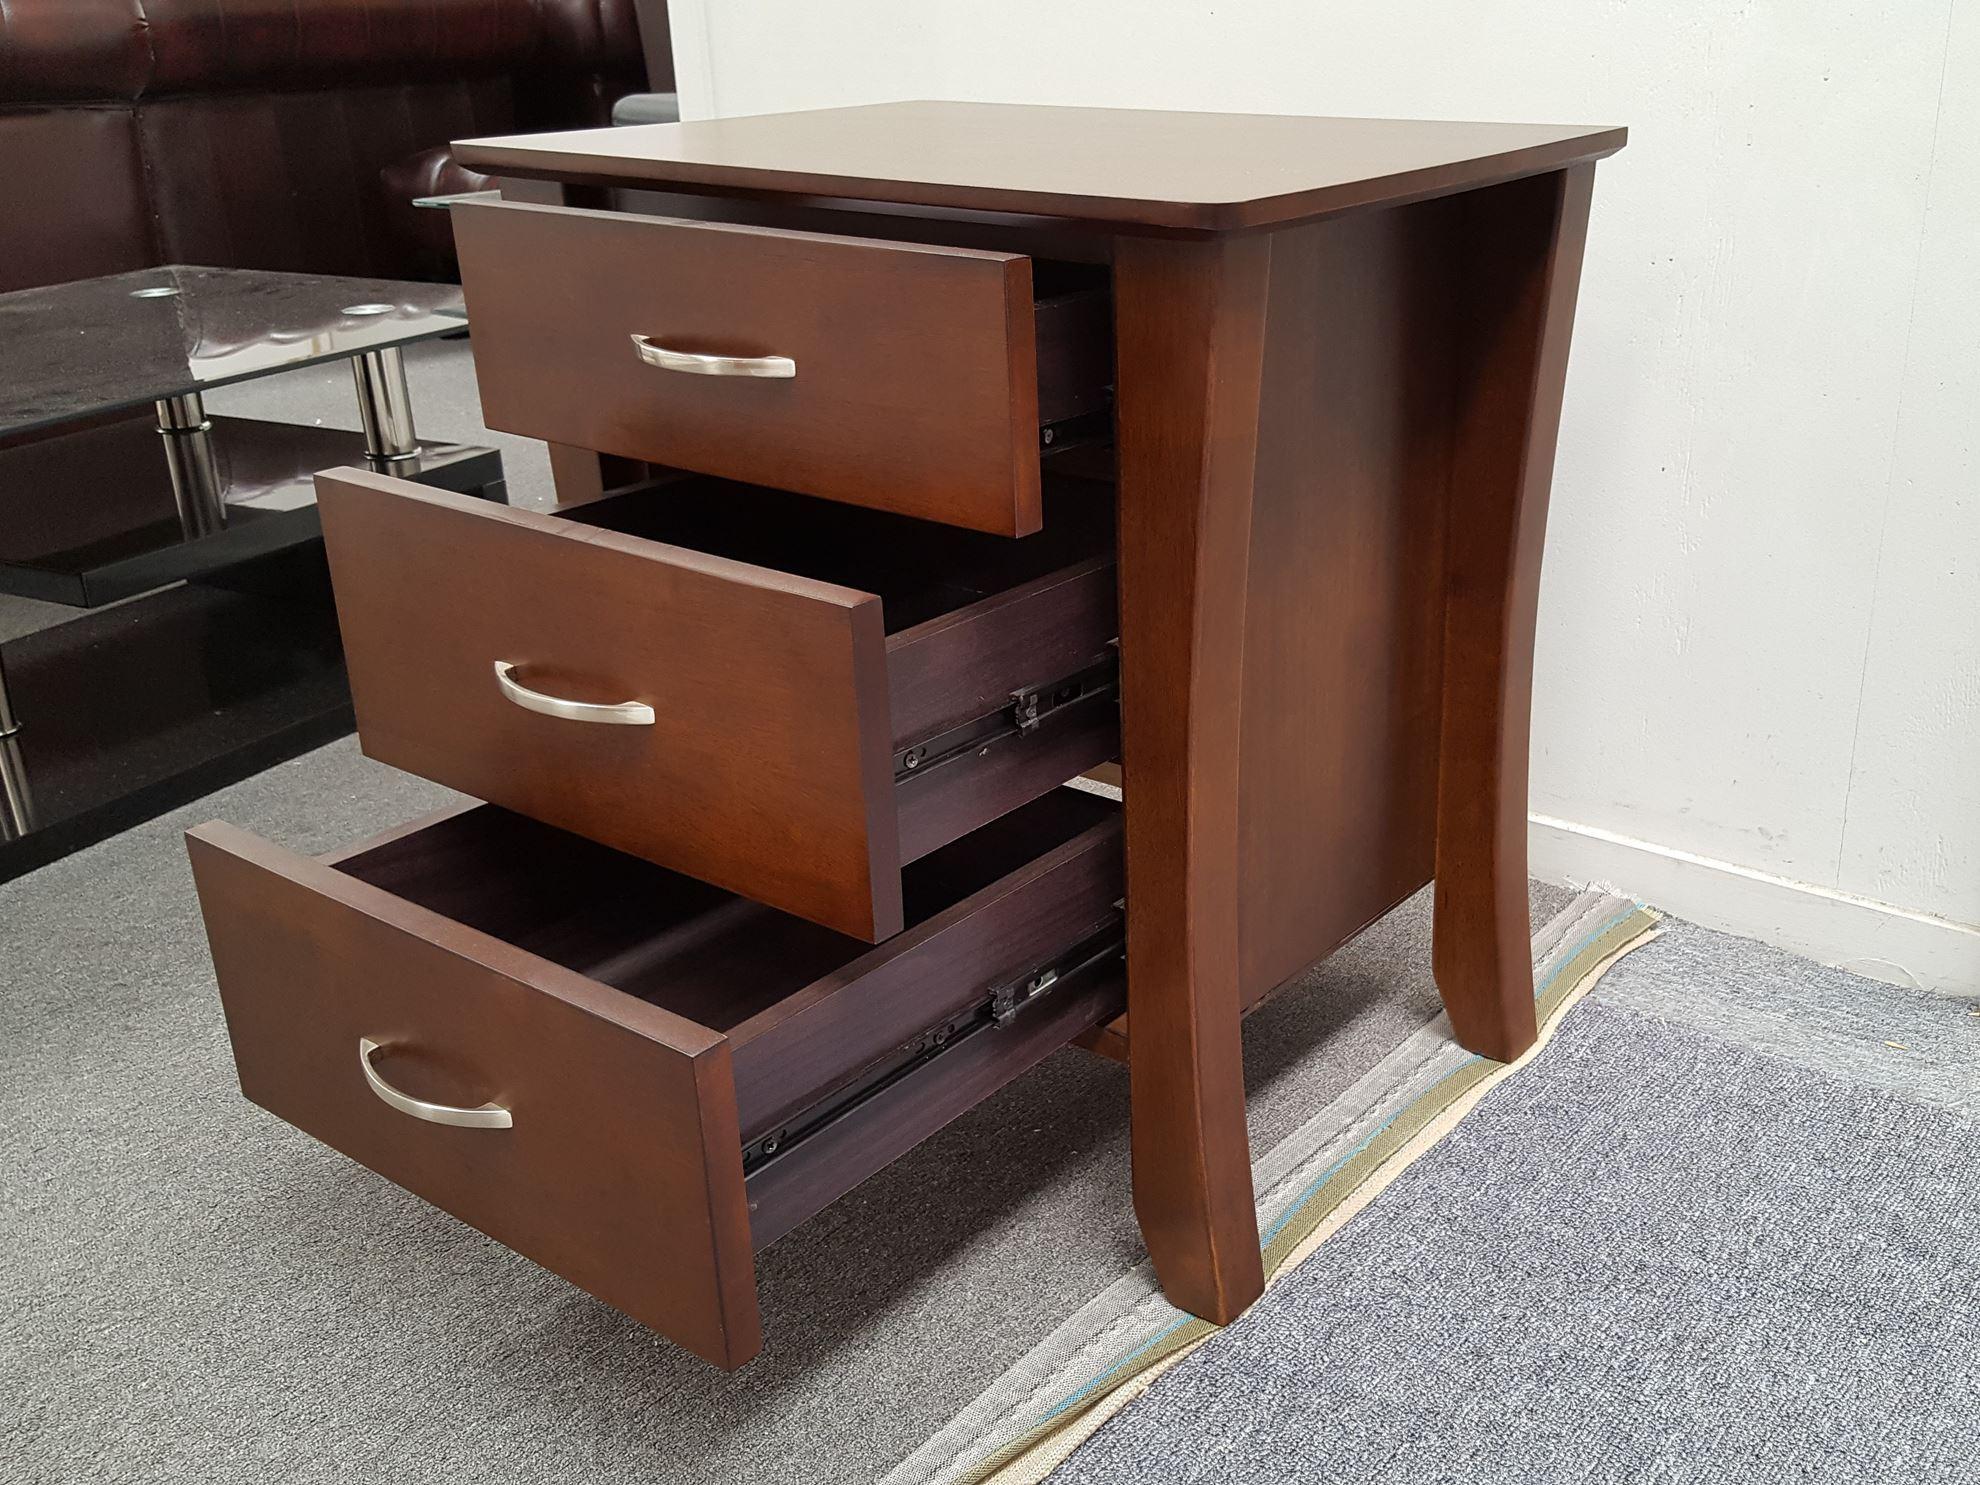 furniture place wenge kia bedside table. Black Bedroom Furniture Sets. Home Design Ideas